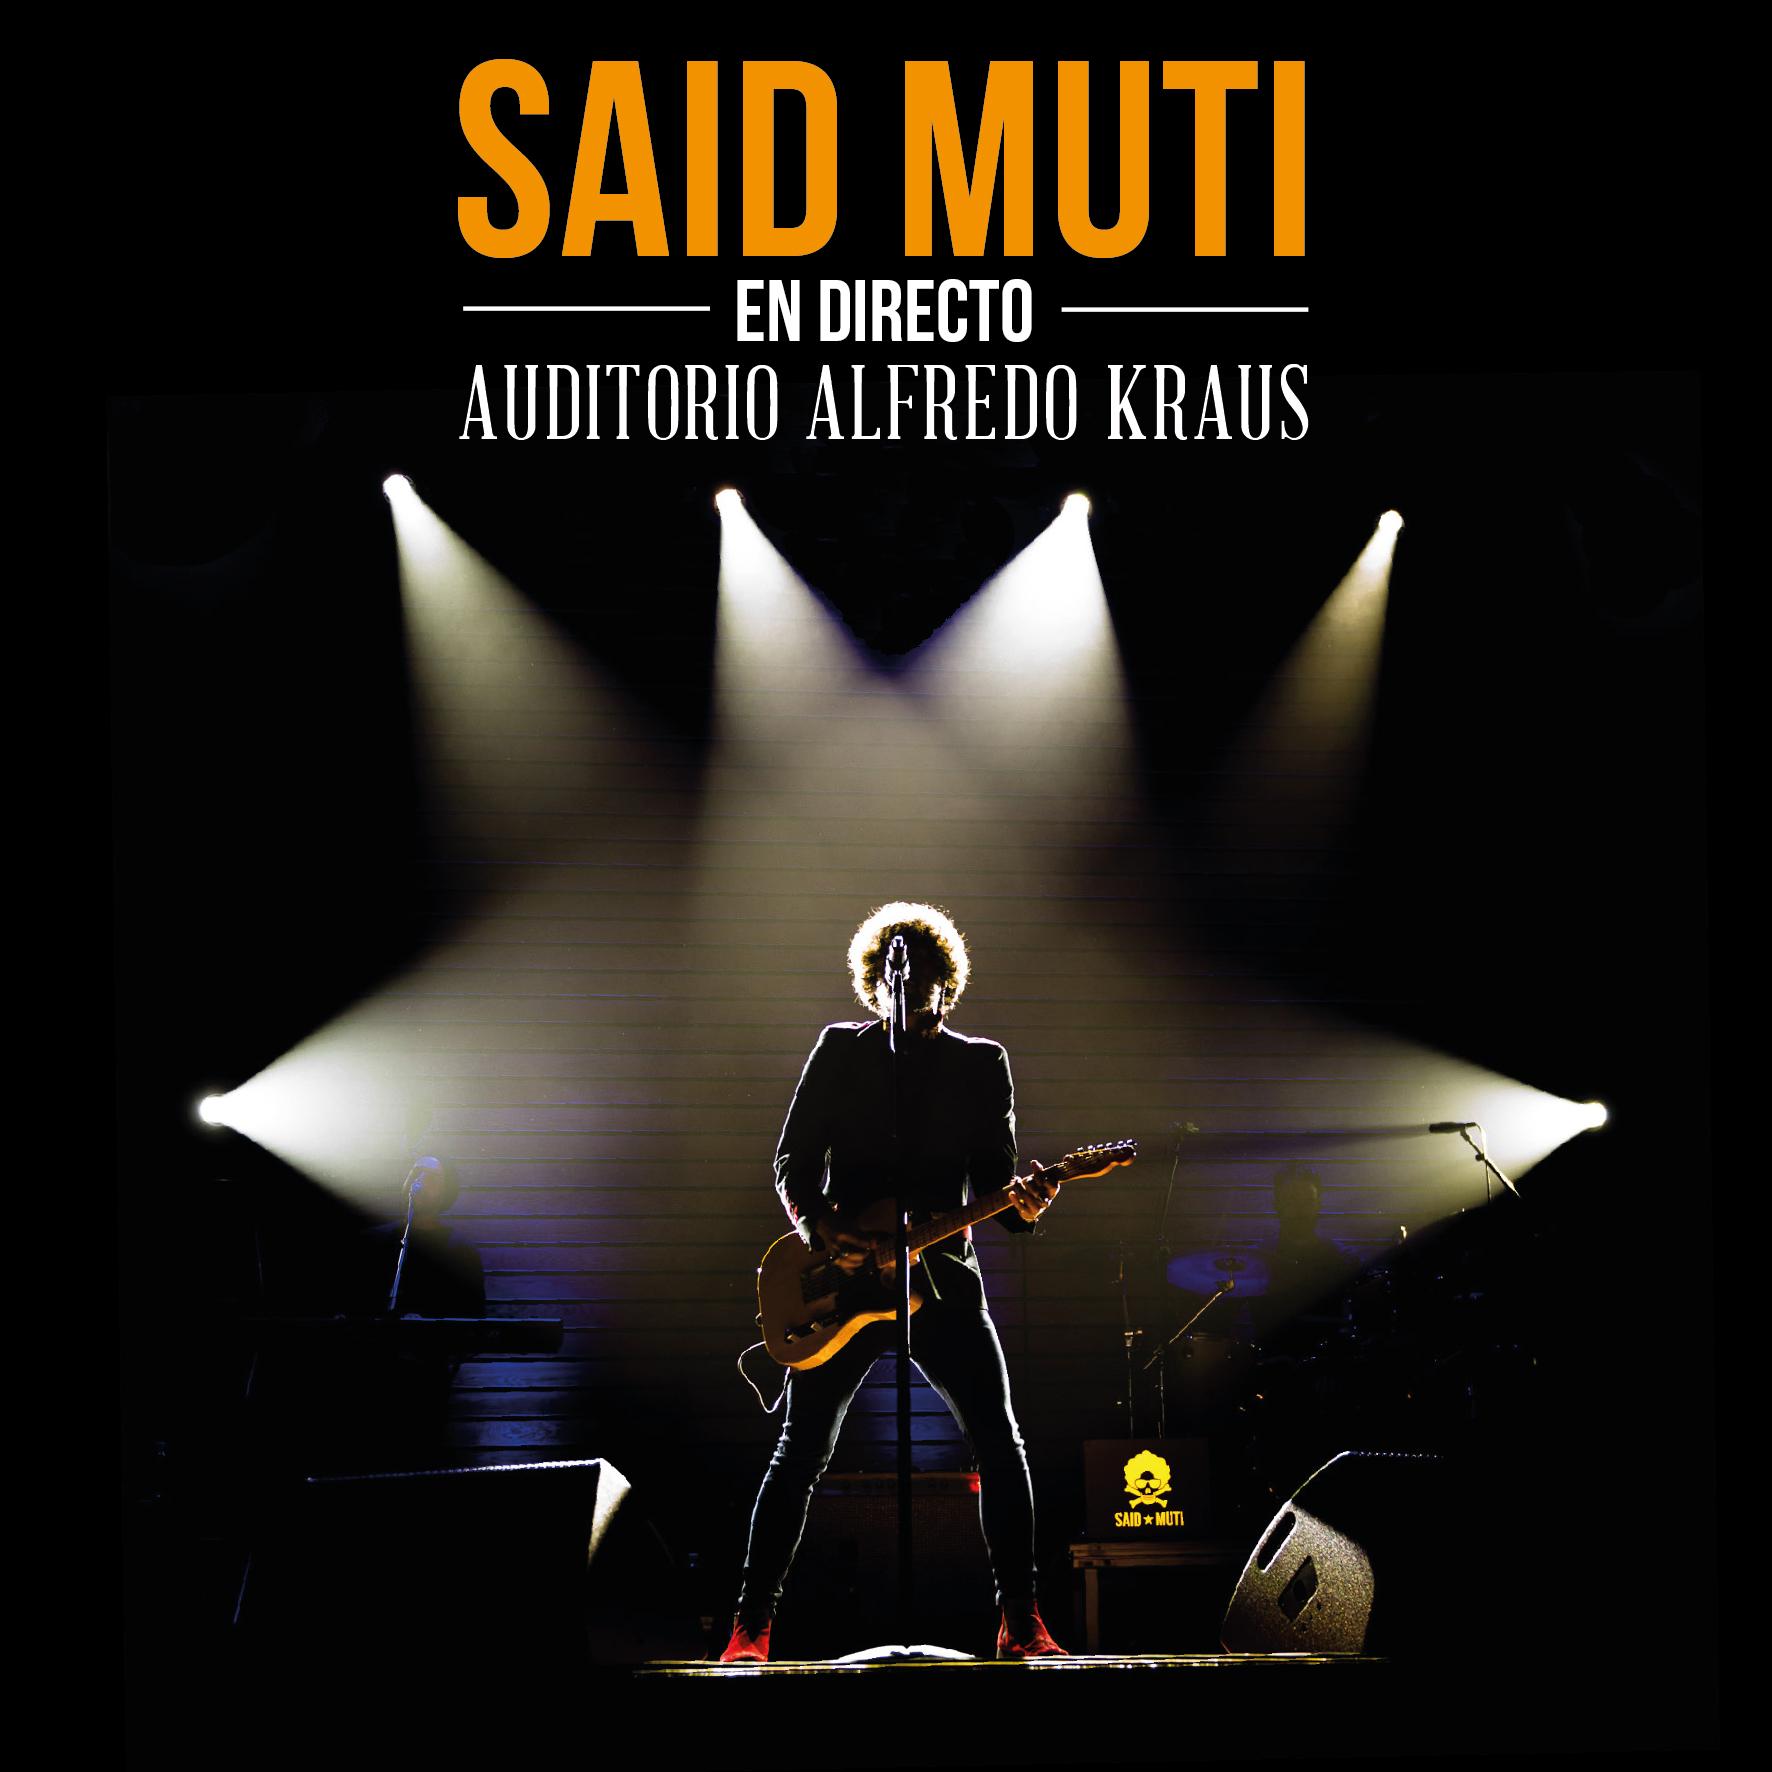 Nuevo Disco en Directo Desde el Auditorio Alfredo Kraus